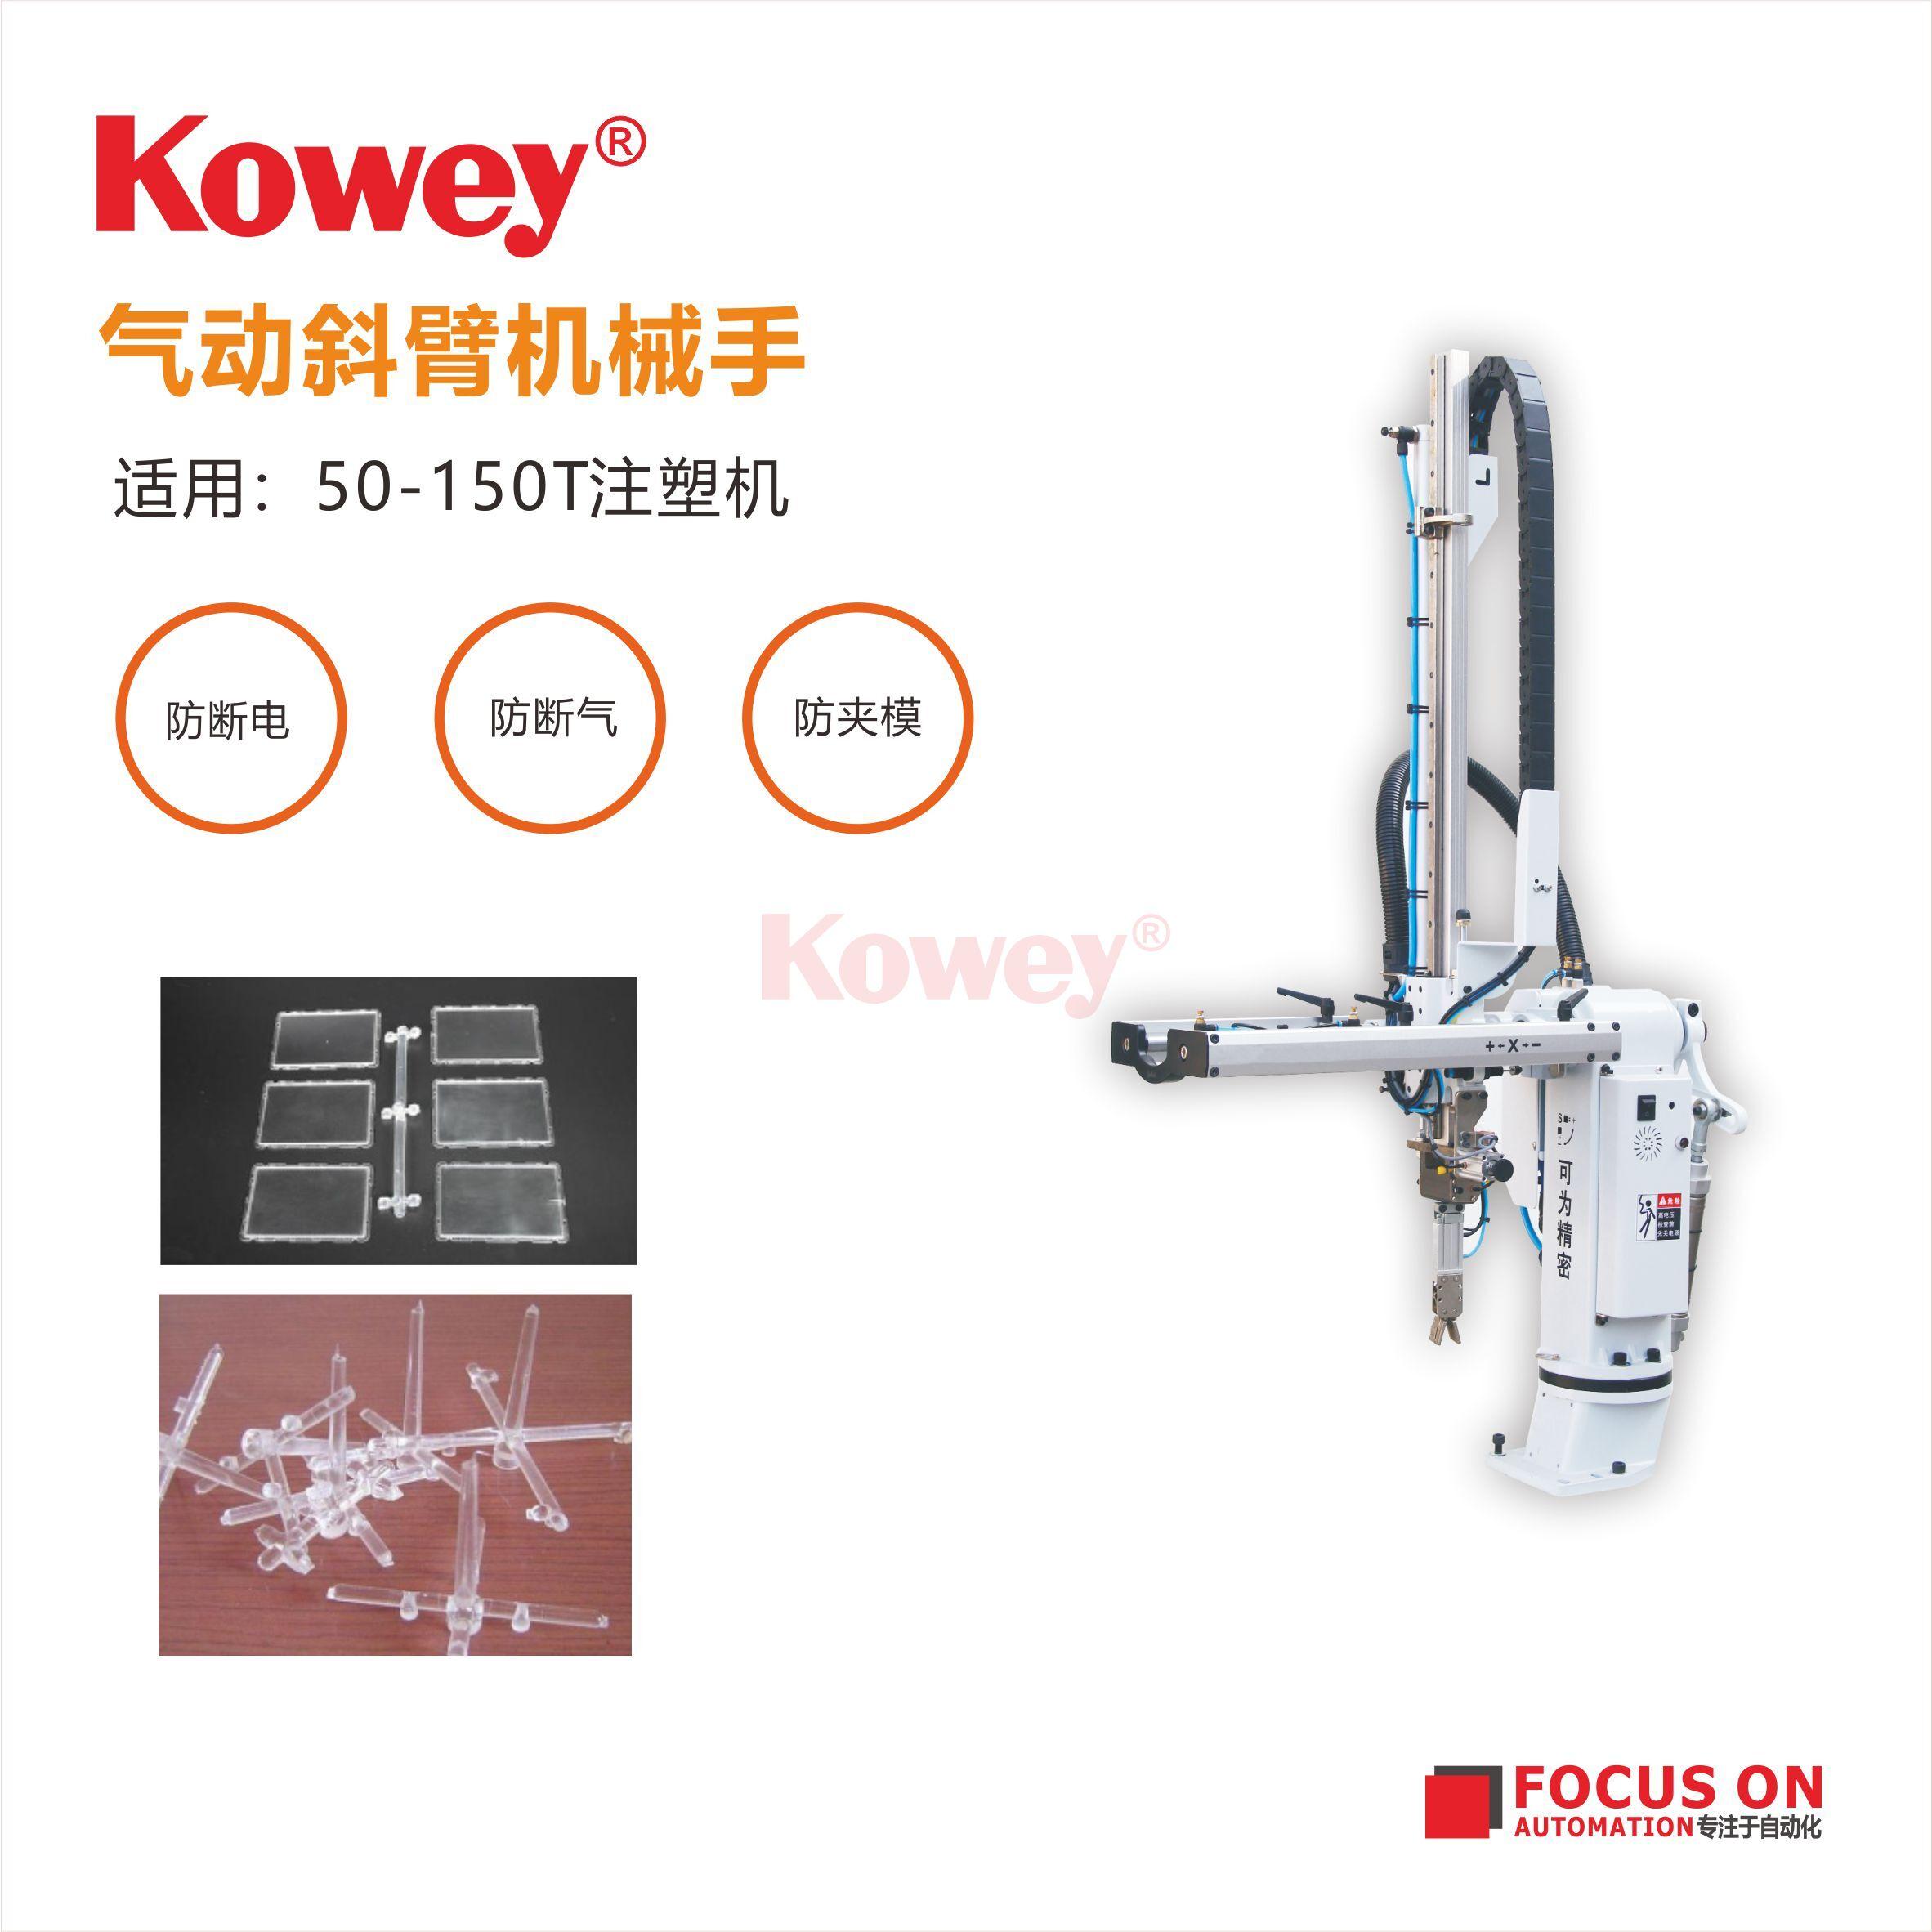 注塑機械手-斜臂機械手-氣動機械手(取水口機械手)